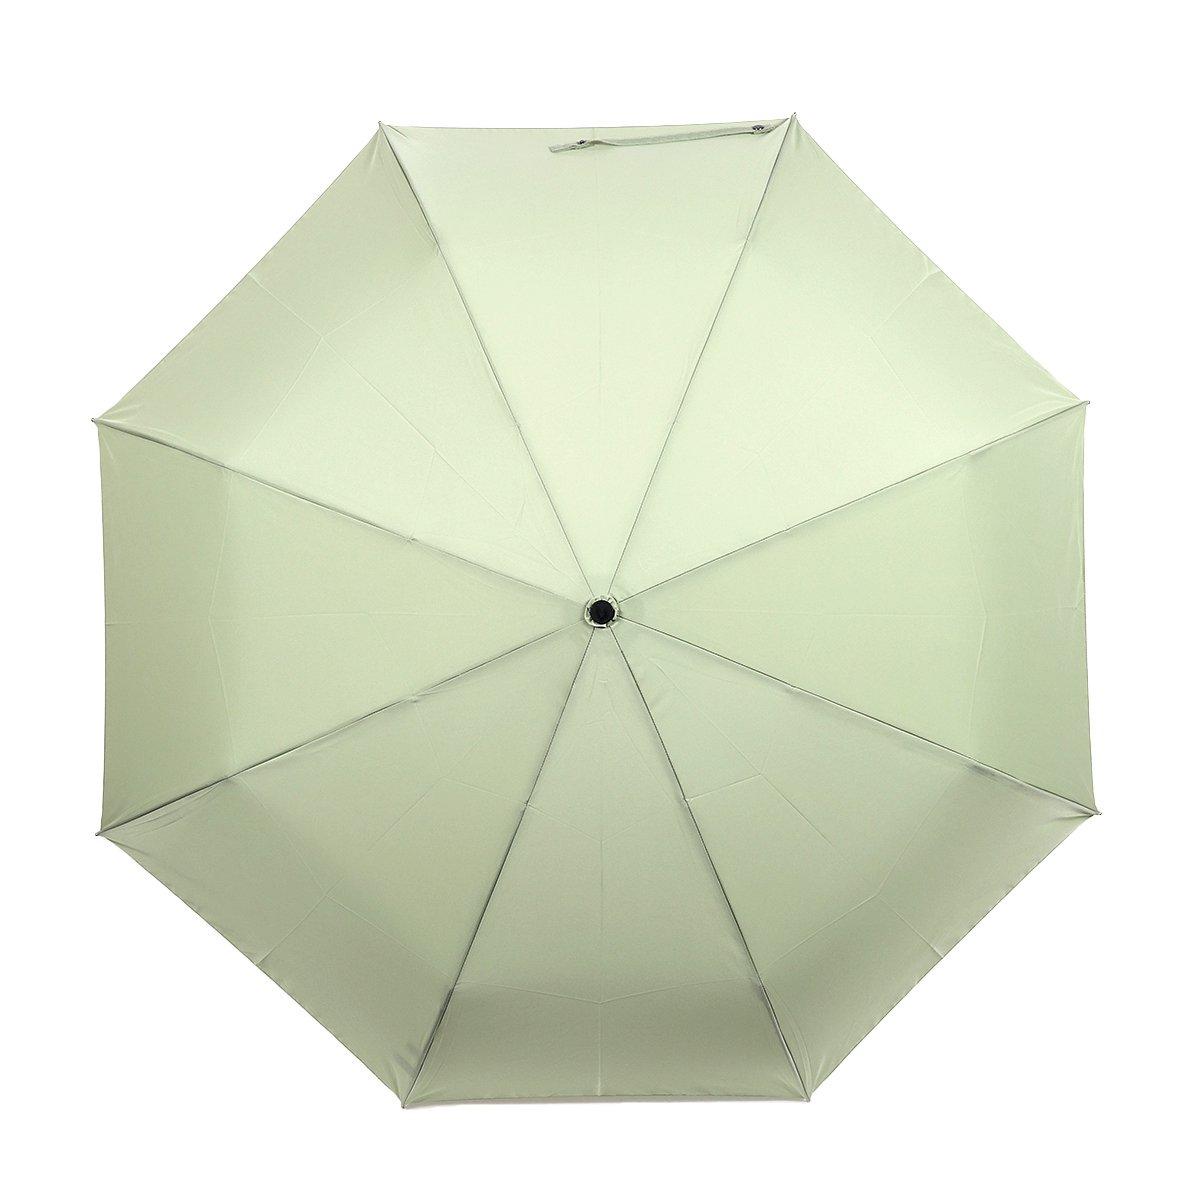 【公式限定】強力撥水 レインドロップ レクタス 耐風骨 レディース 折りたたみ傘 詳細画像6